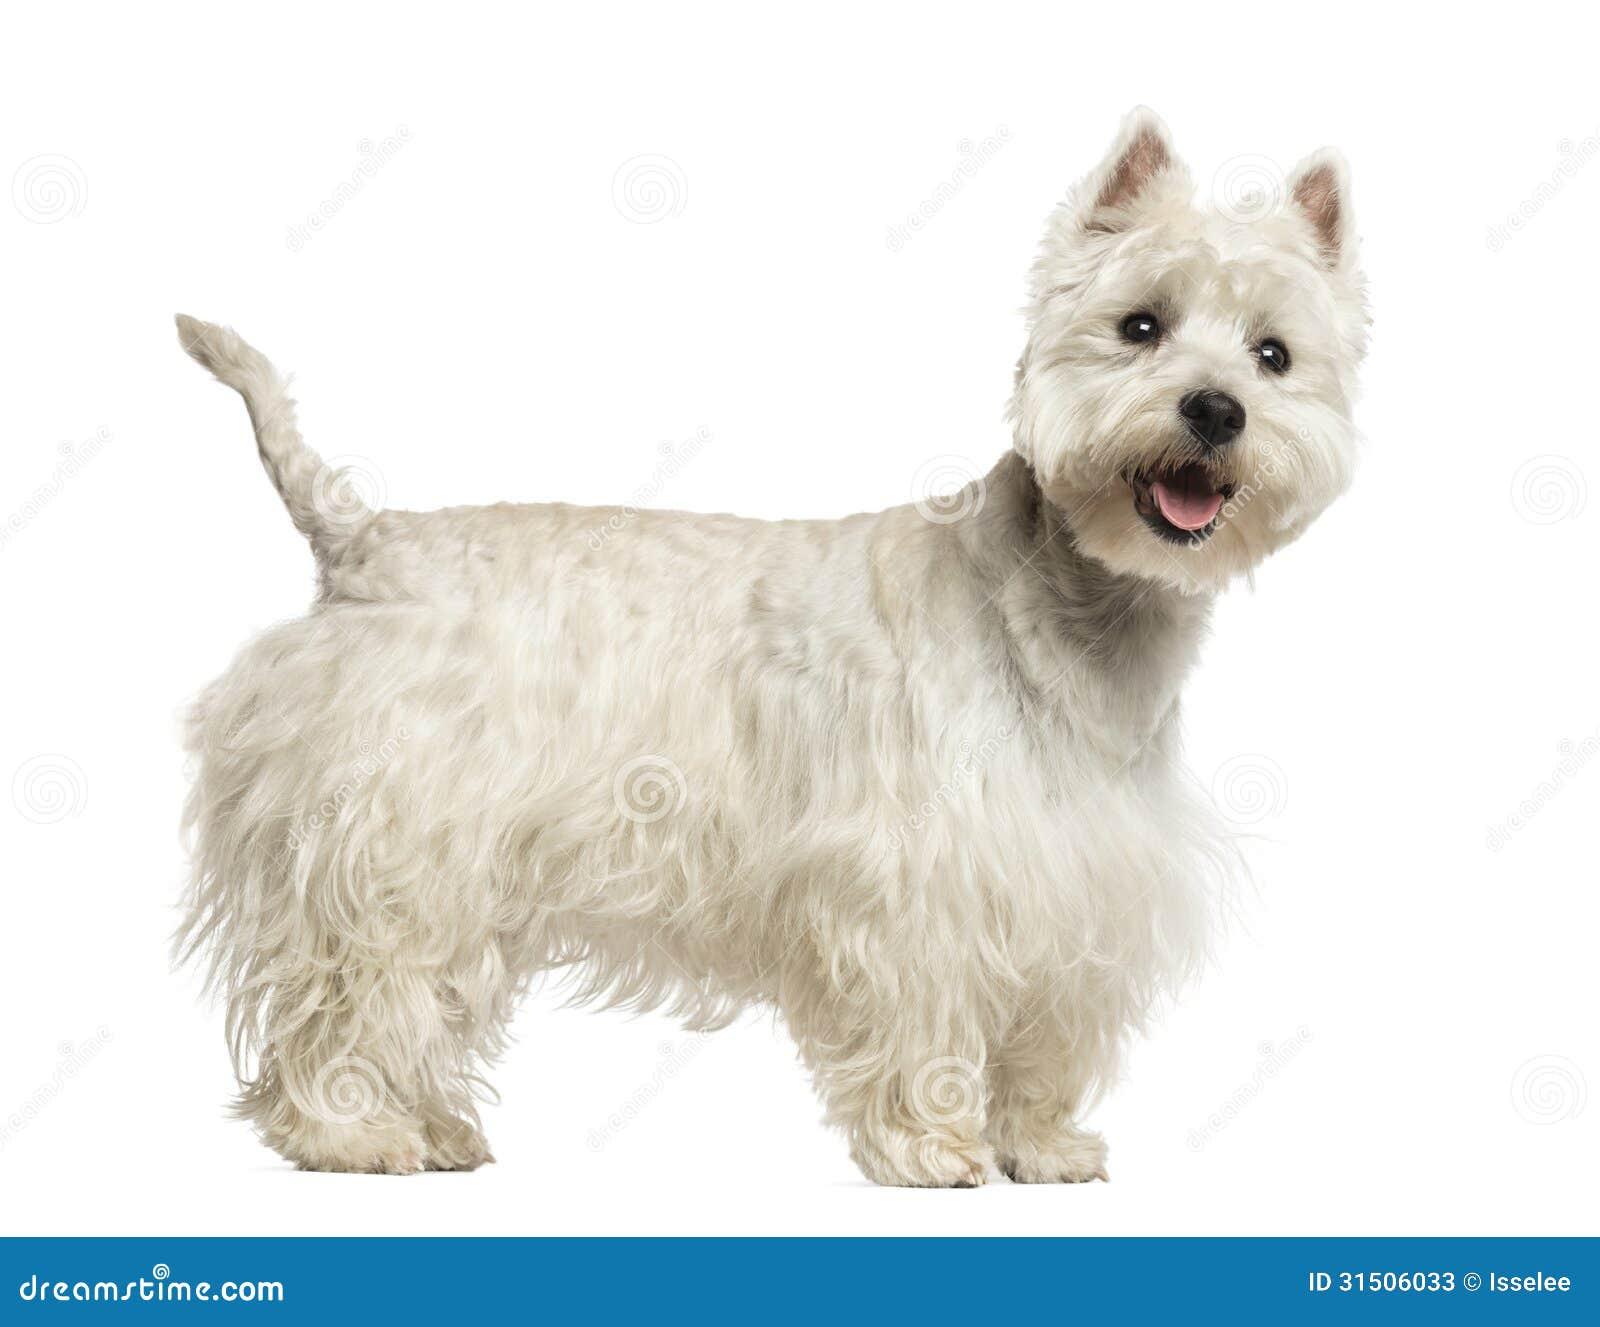 轩逸摩卡棕和白色对比_我的狗是棕白色的英语_棕白色哈士奇